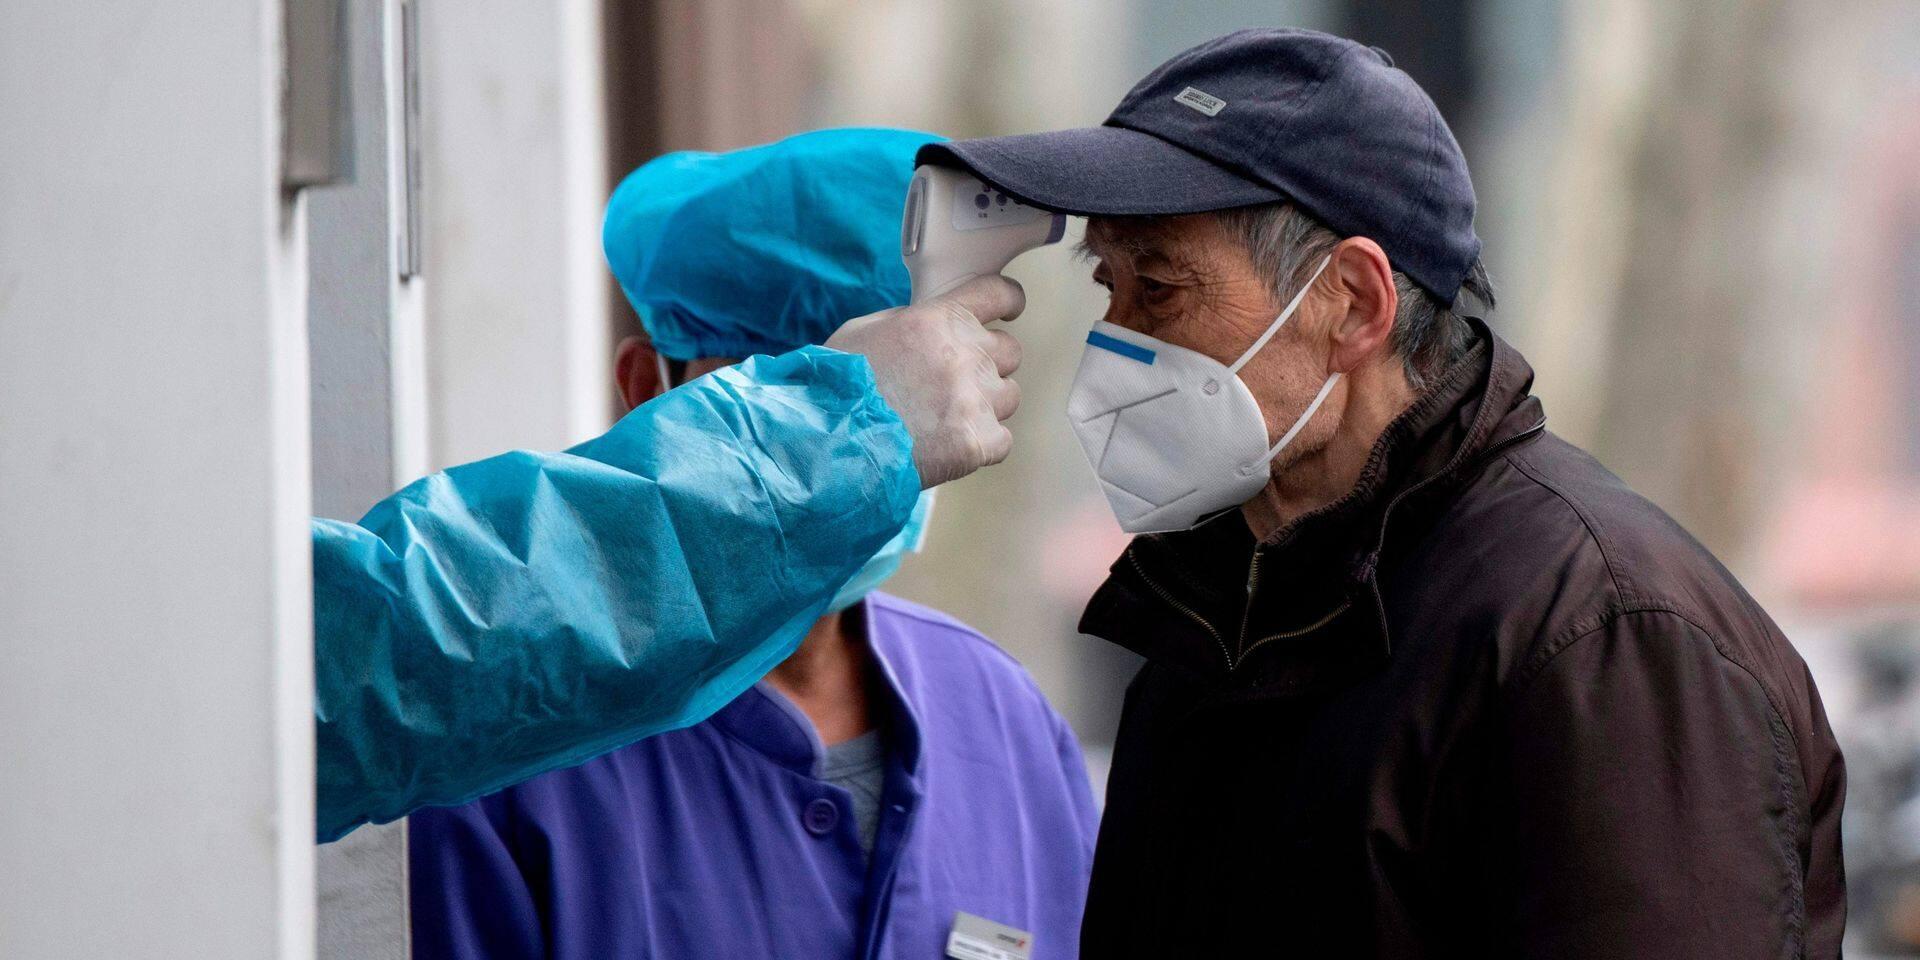 Le coronavirus risque d'impacter l'approvisionnement de médicaments en Europe